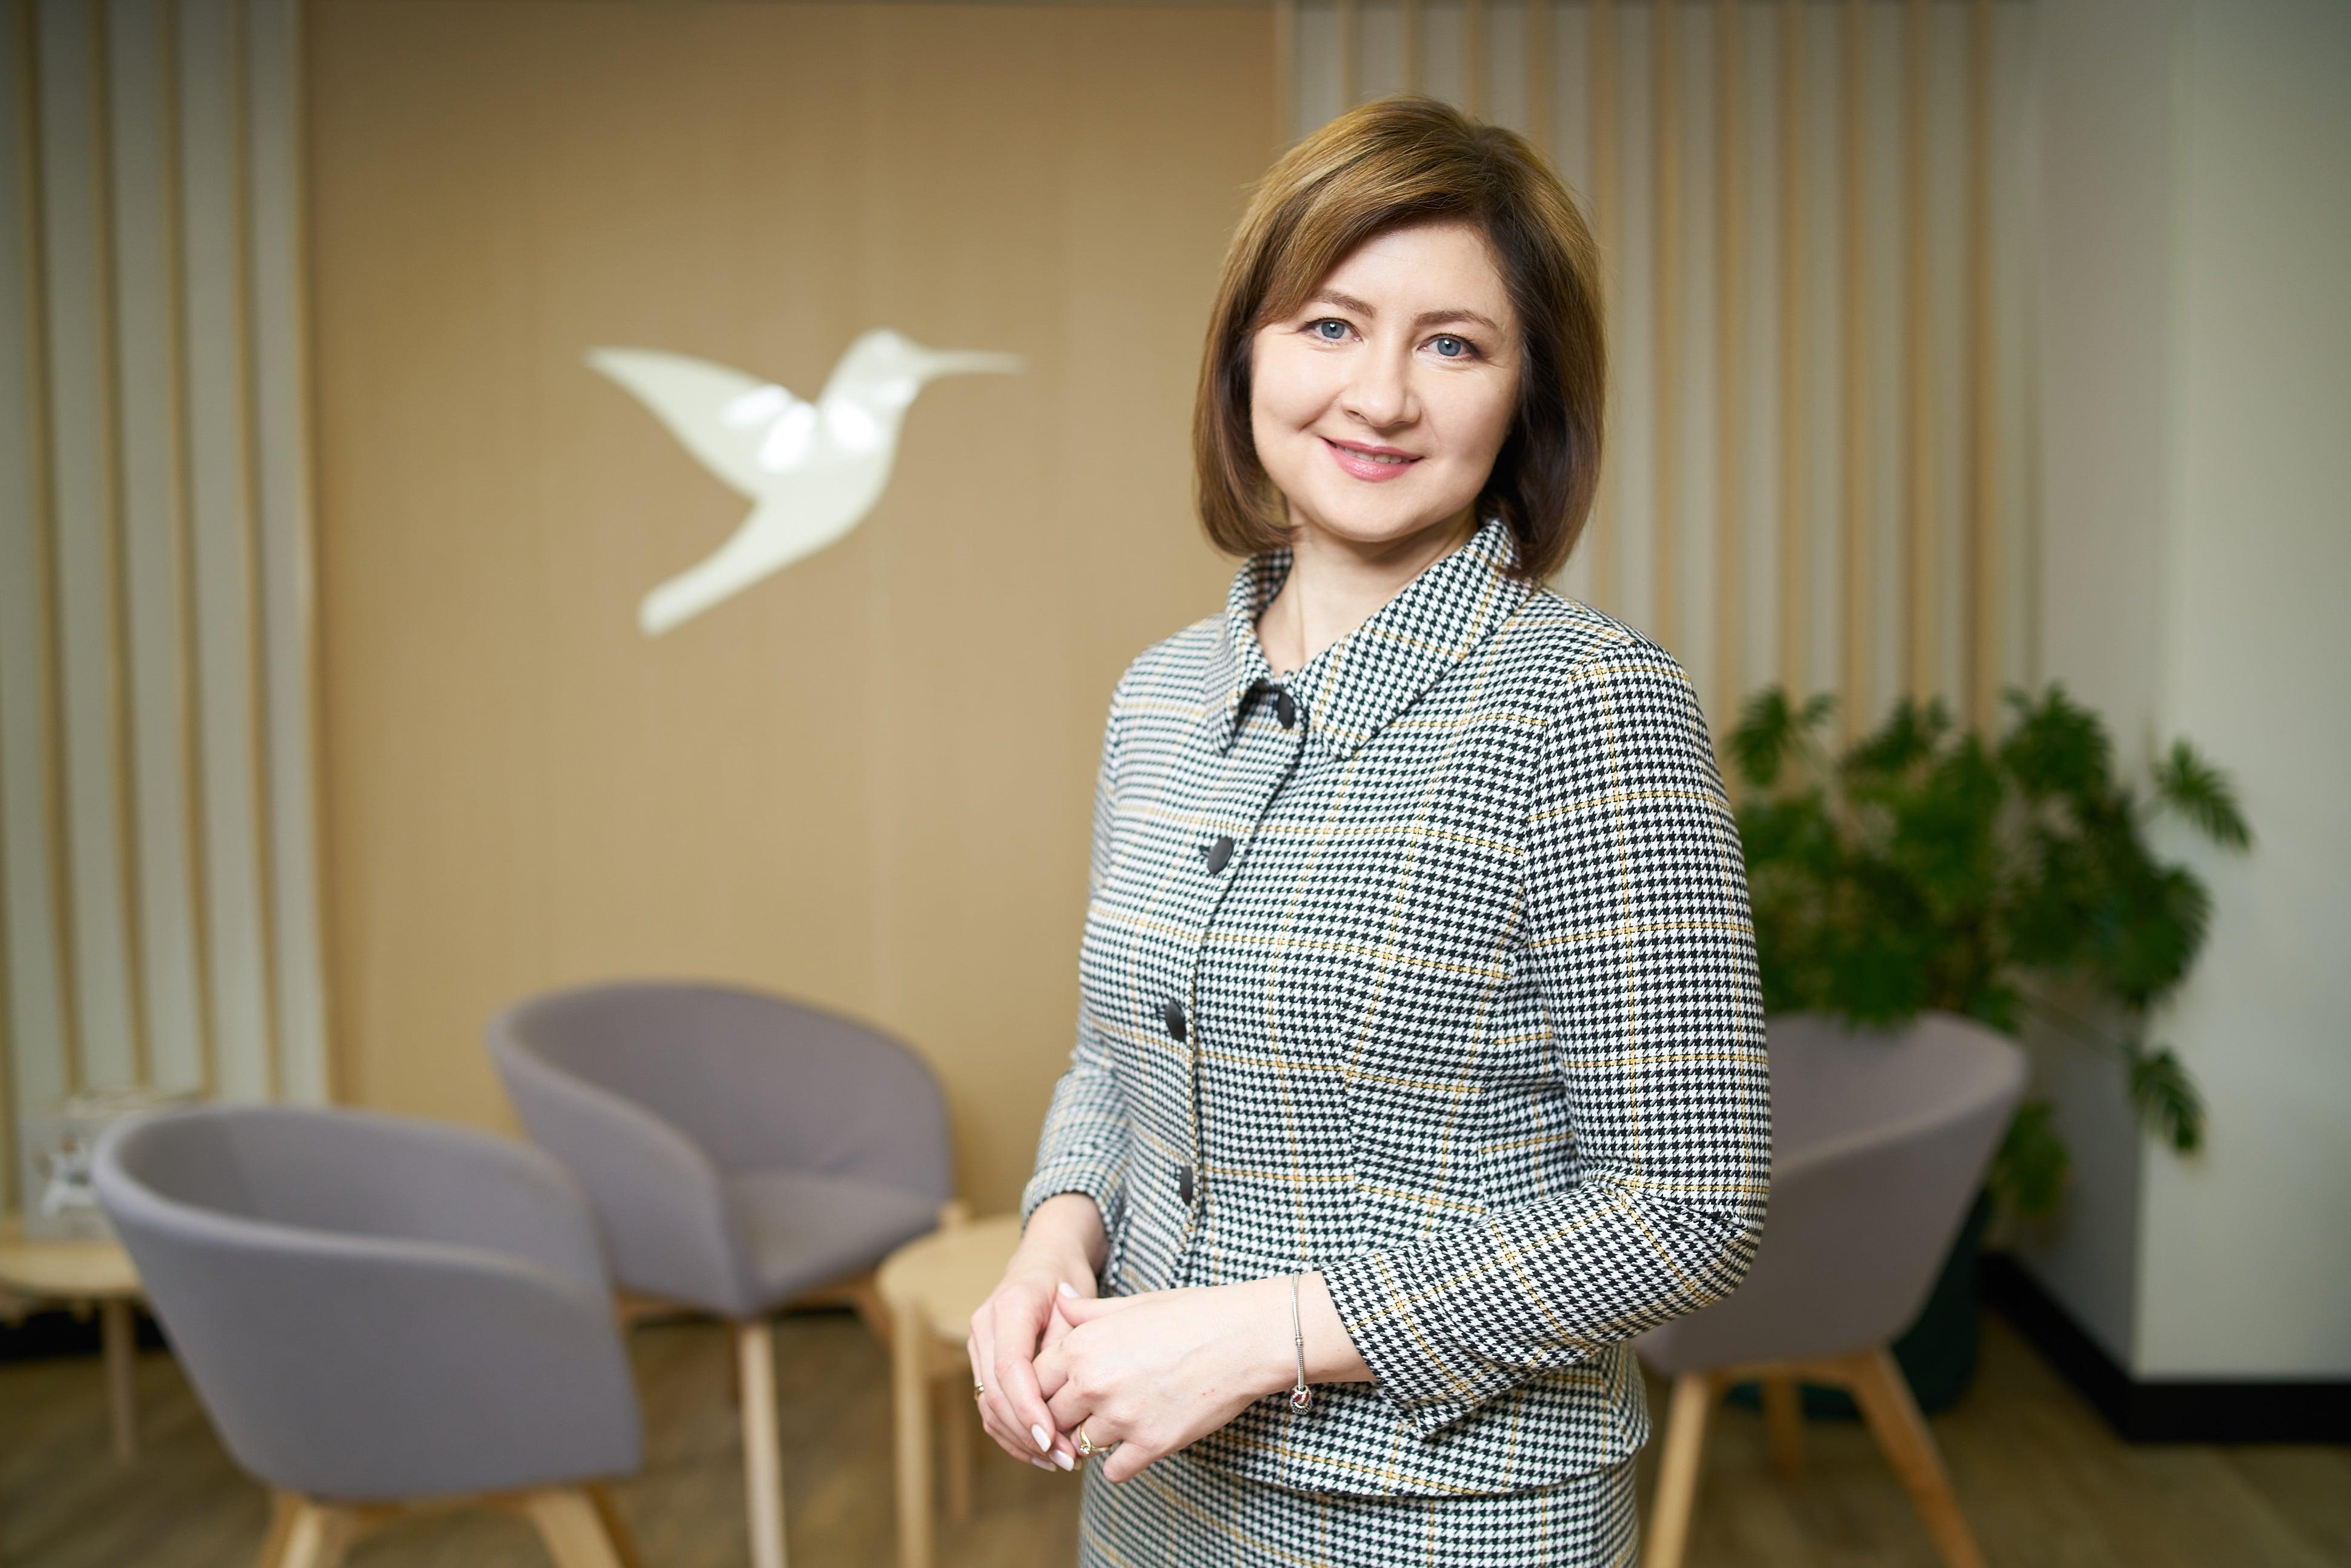 КУЛЬТУРНАЯ ПРОГРАММА: Ирина Владимирова из «Филип Моррис Украина» об инновациях в HR, мотивации и о том, как вырастить профессионалов внутри